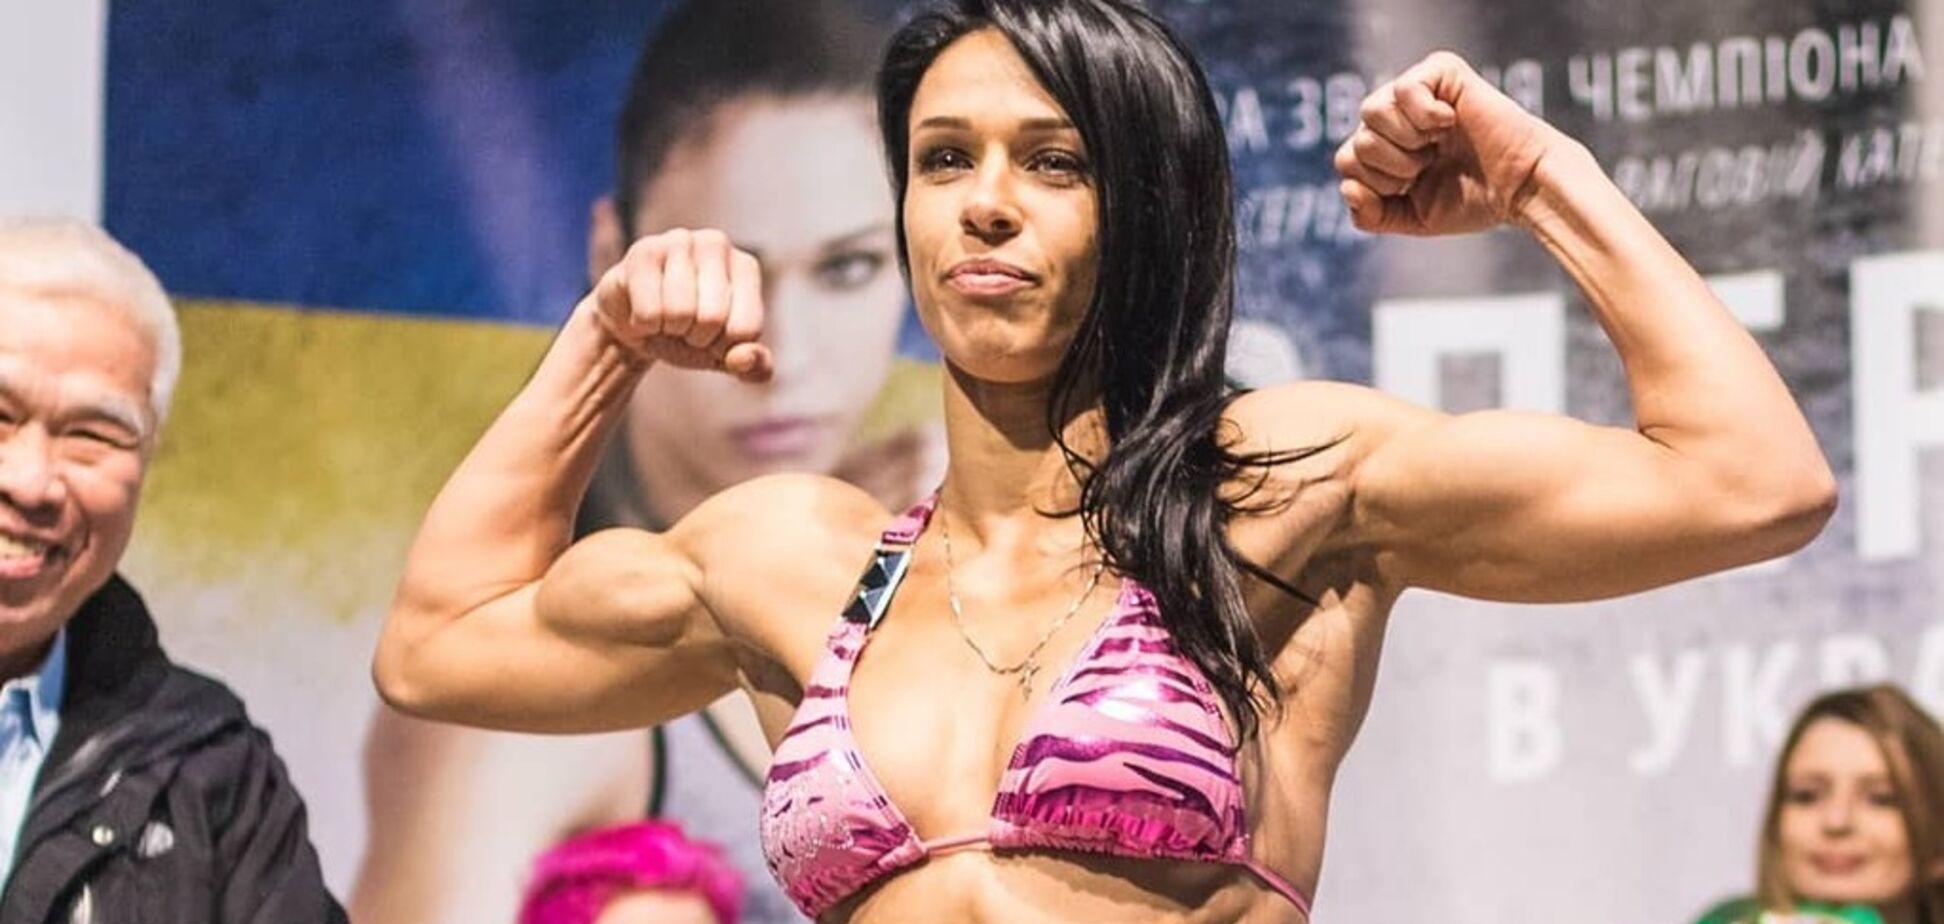 Красуня-українка з нокдауном стала чемпіонкою світу з тайського боксу